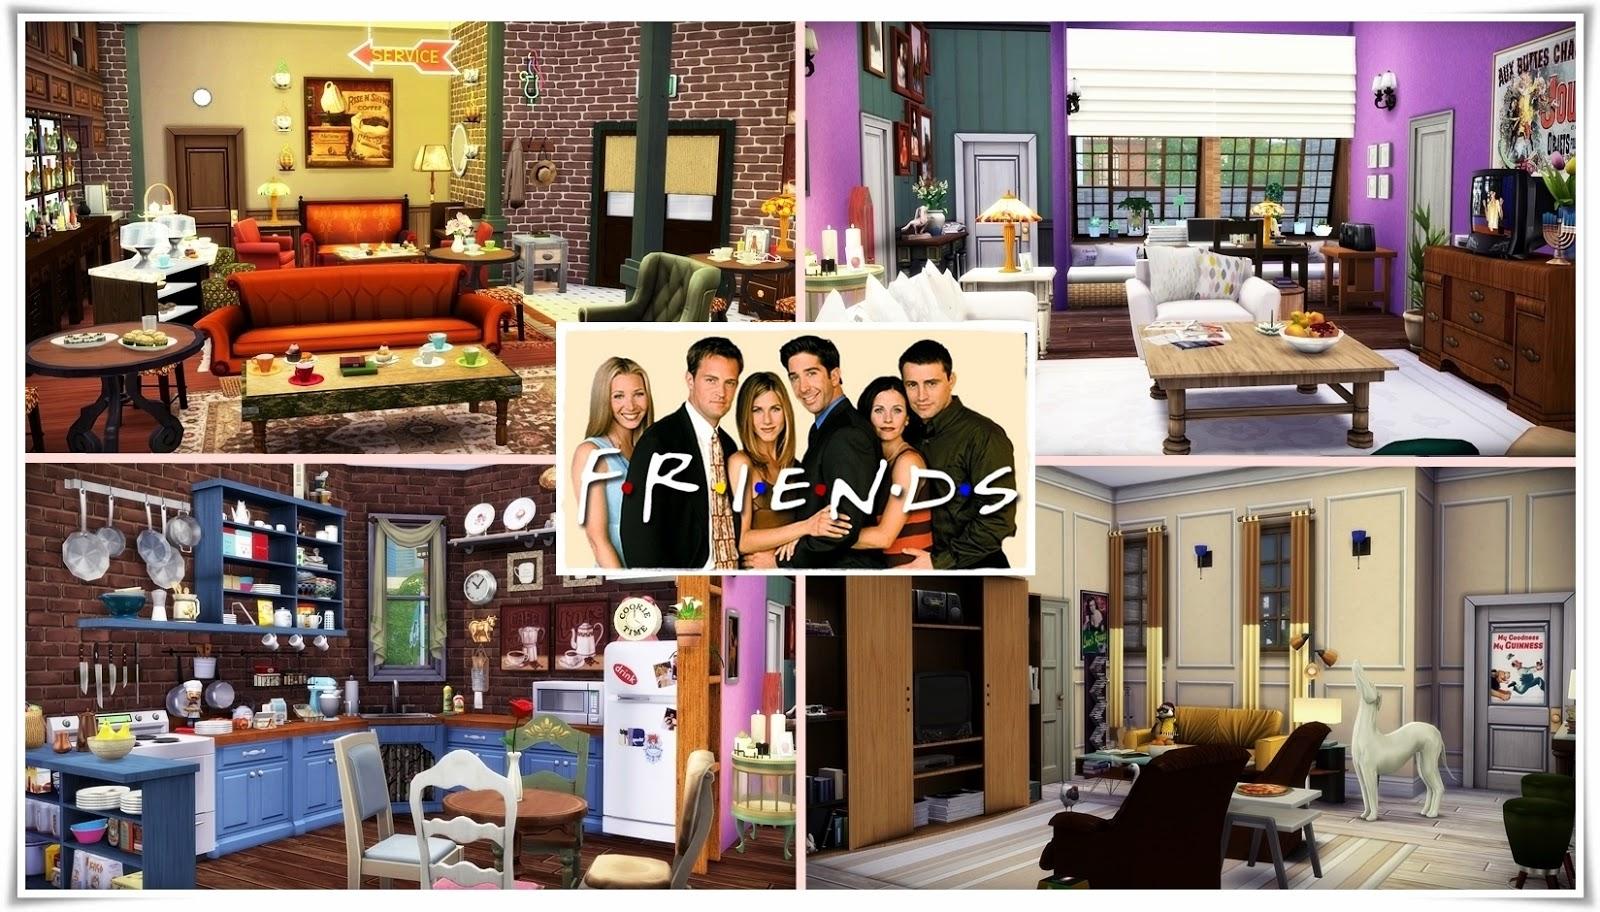 Frau engel ts4 friends 39 apartments for Apartment design sims 3